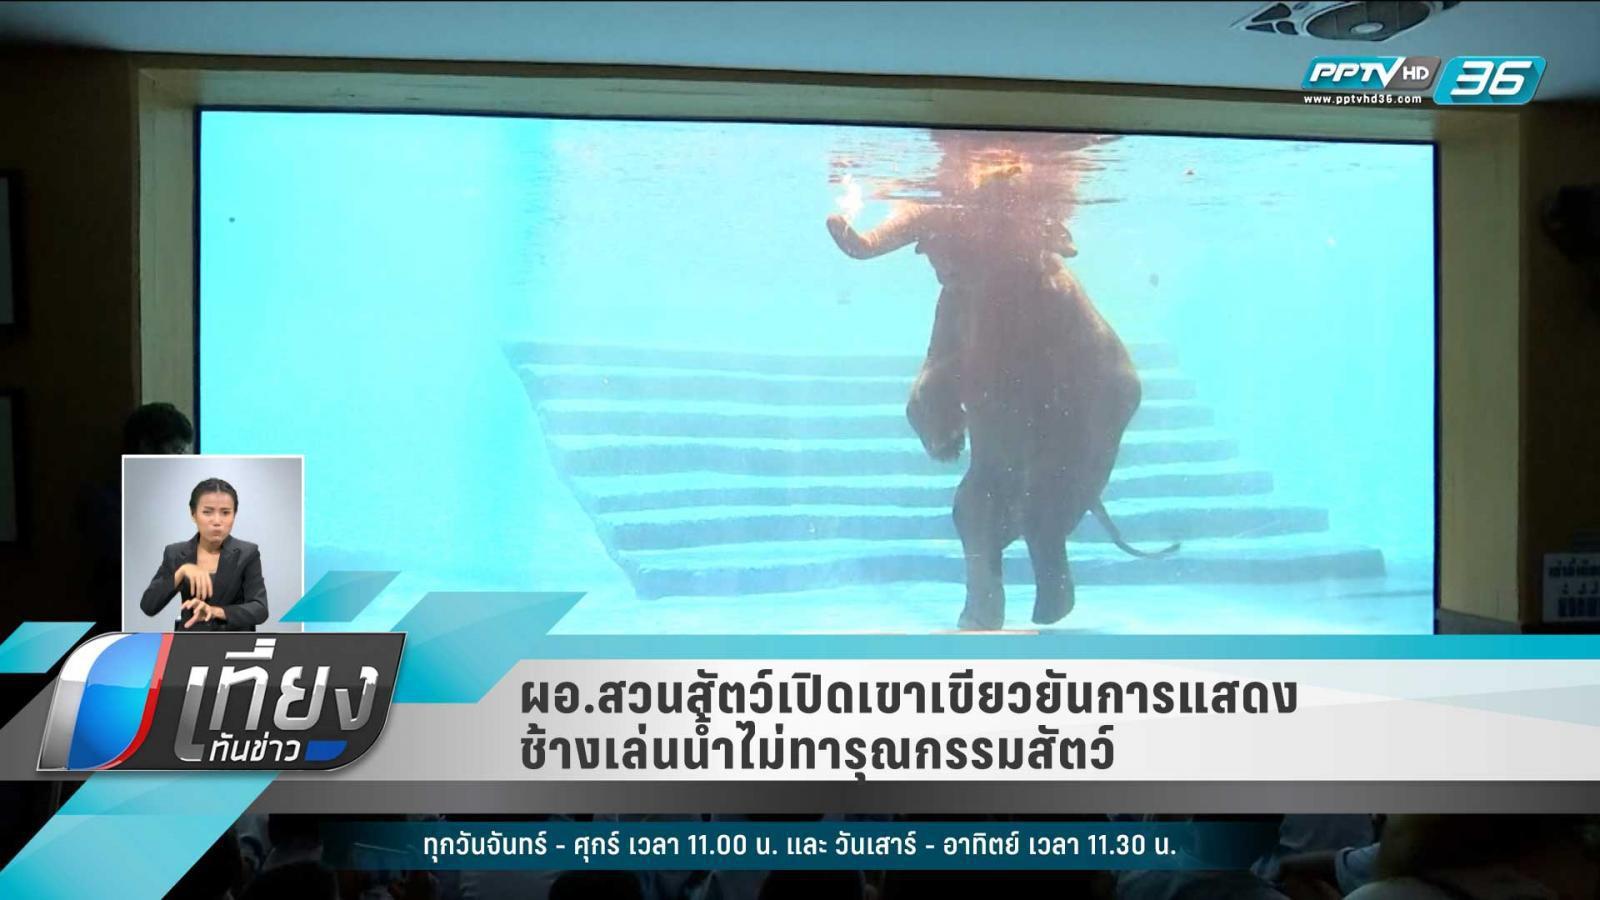 ผอ.สวนสัตว์เปิดเขาเขียวยันการแสดงช้างเล่นน้ำไม่ทารุณกรรมสัตว์